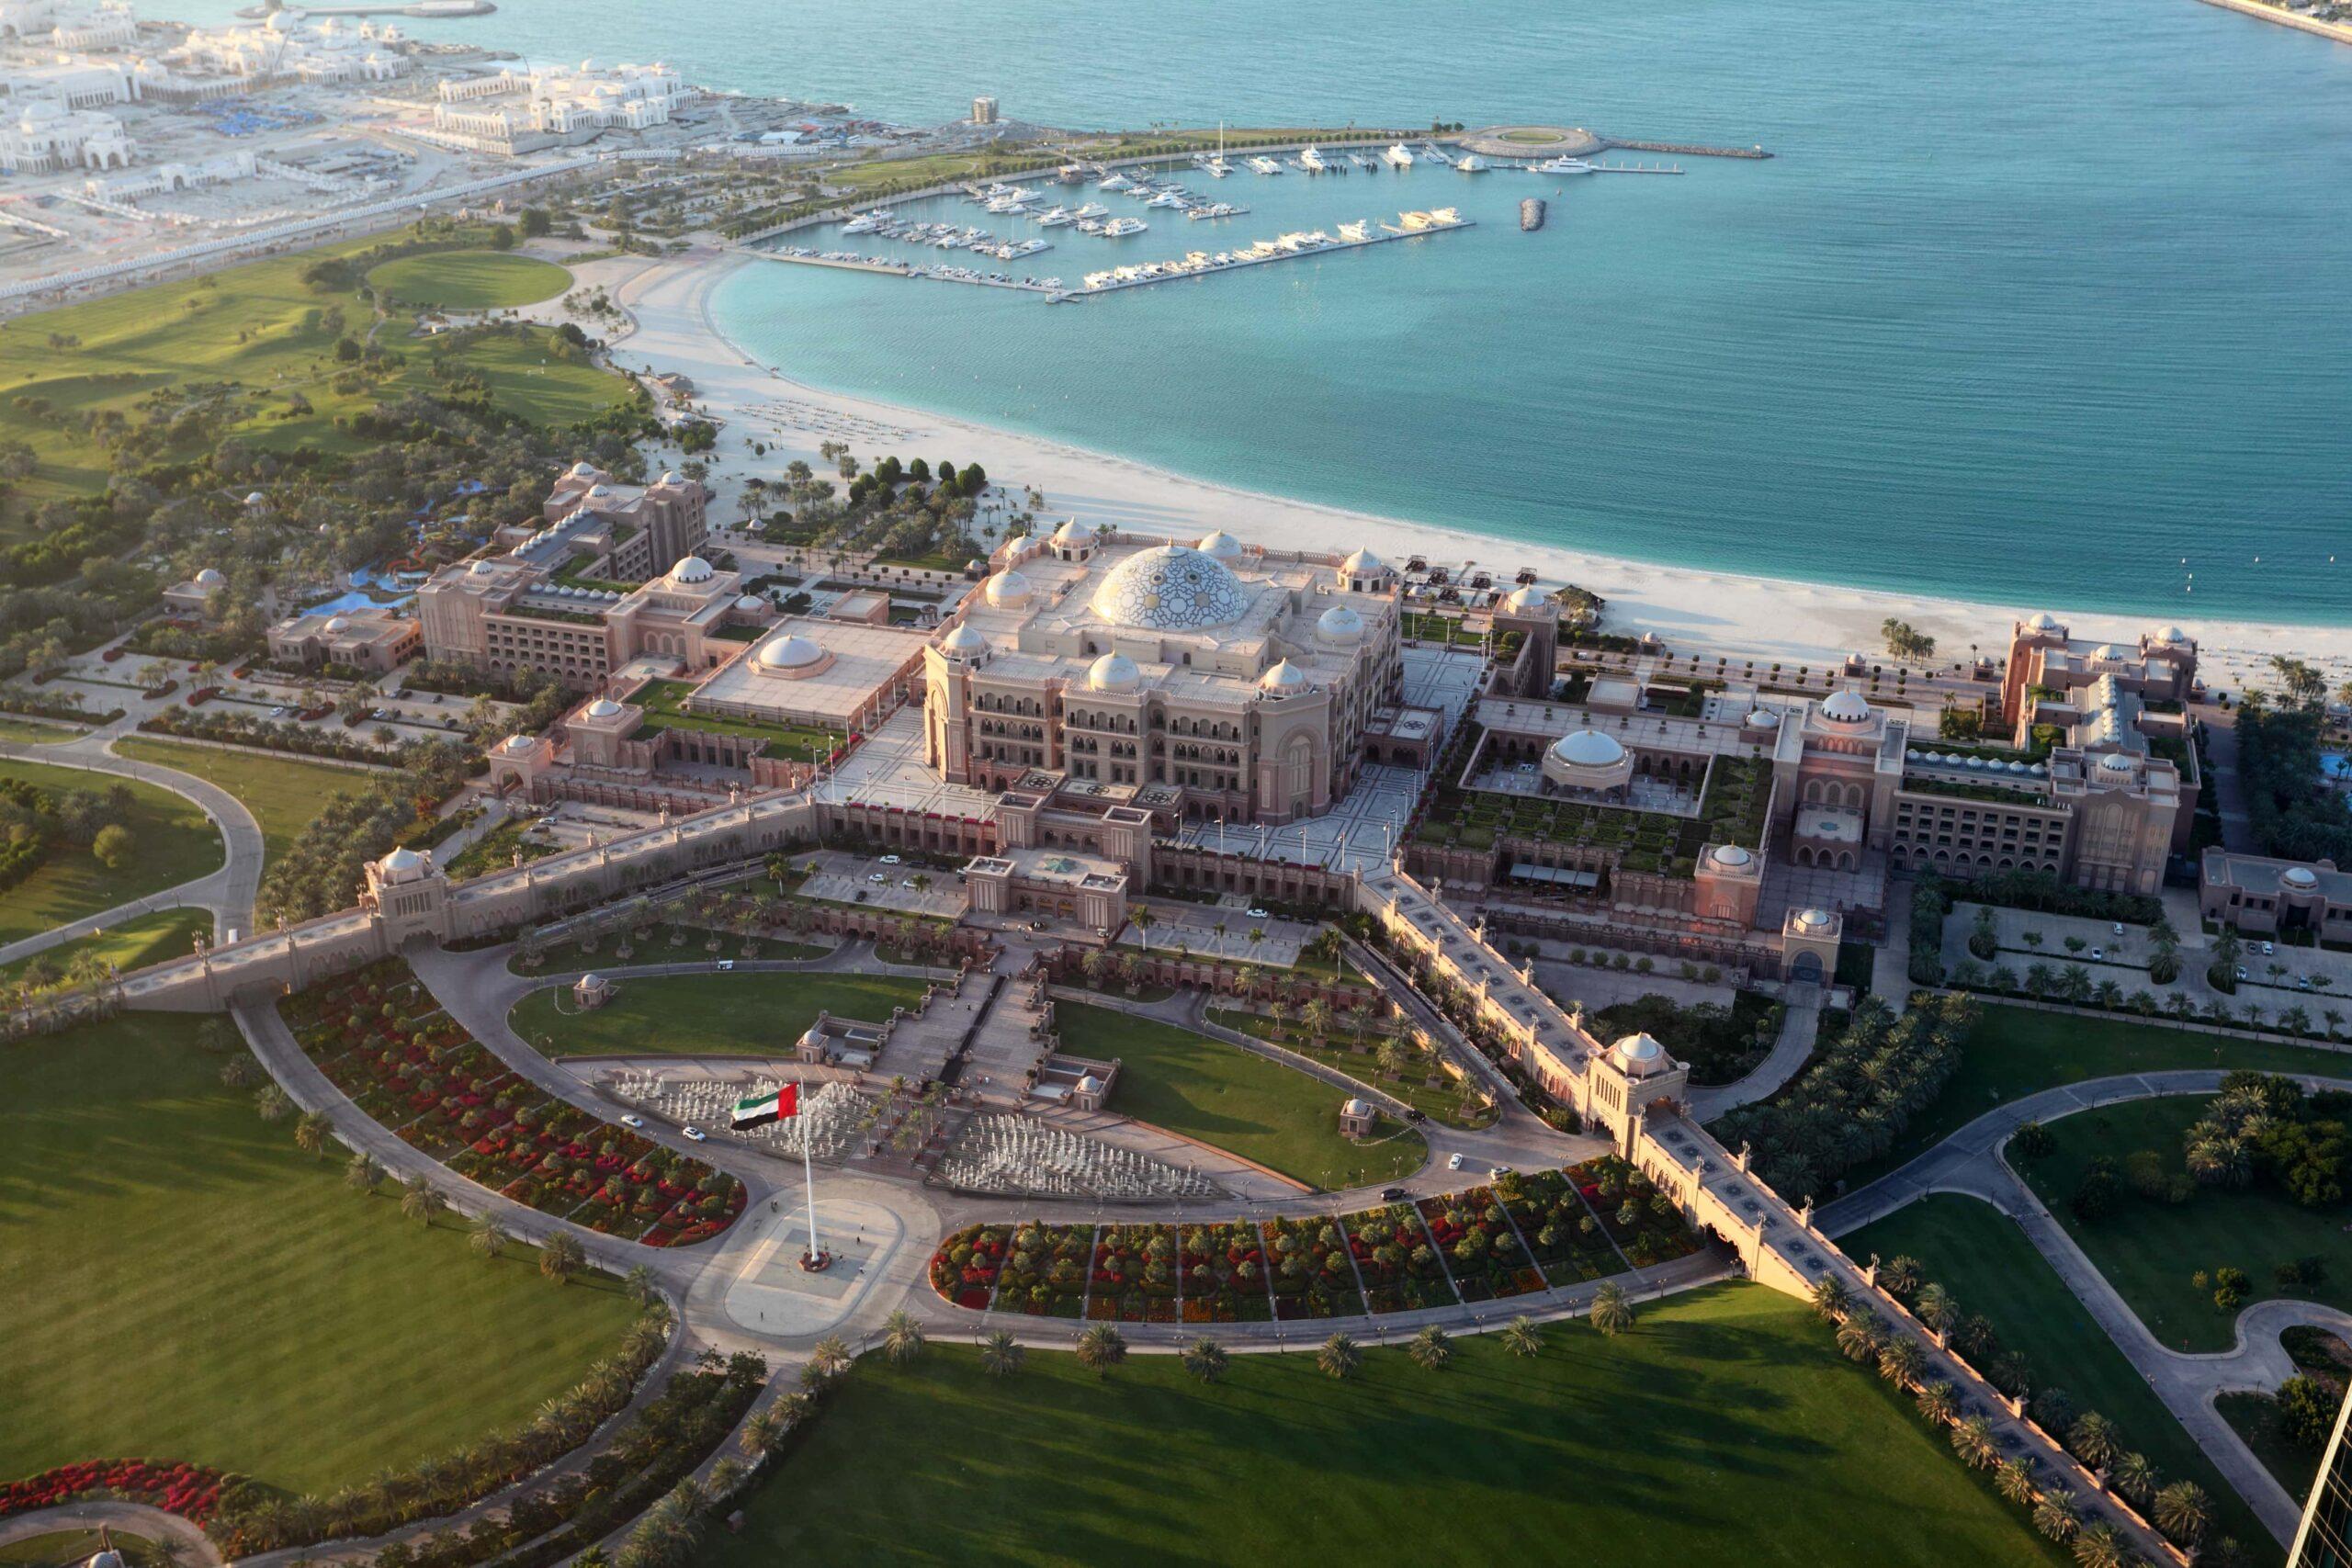 Abu Dhabi Emirates Grand Palace